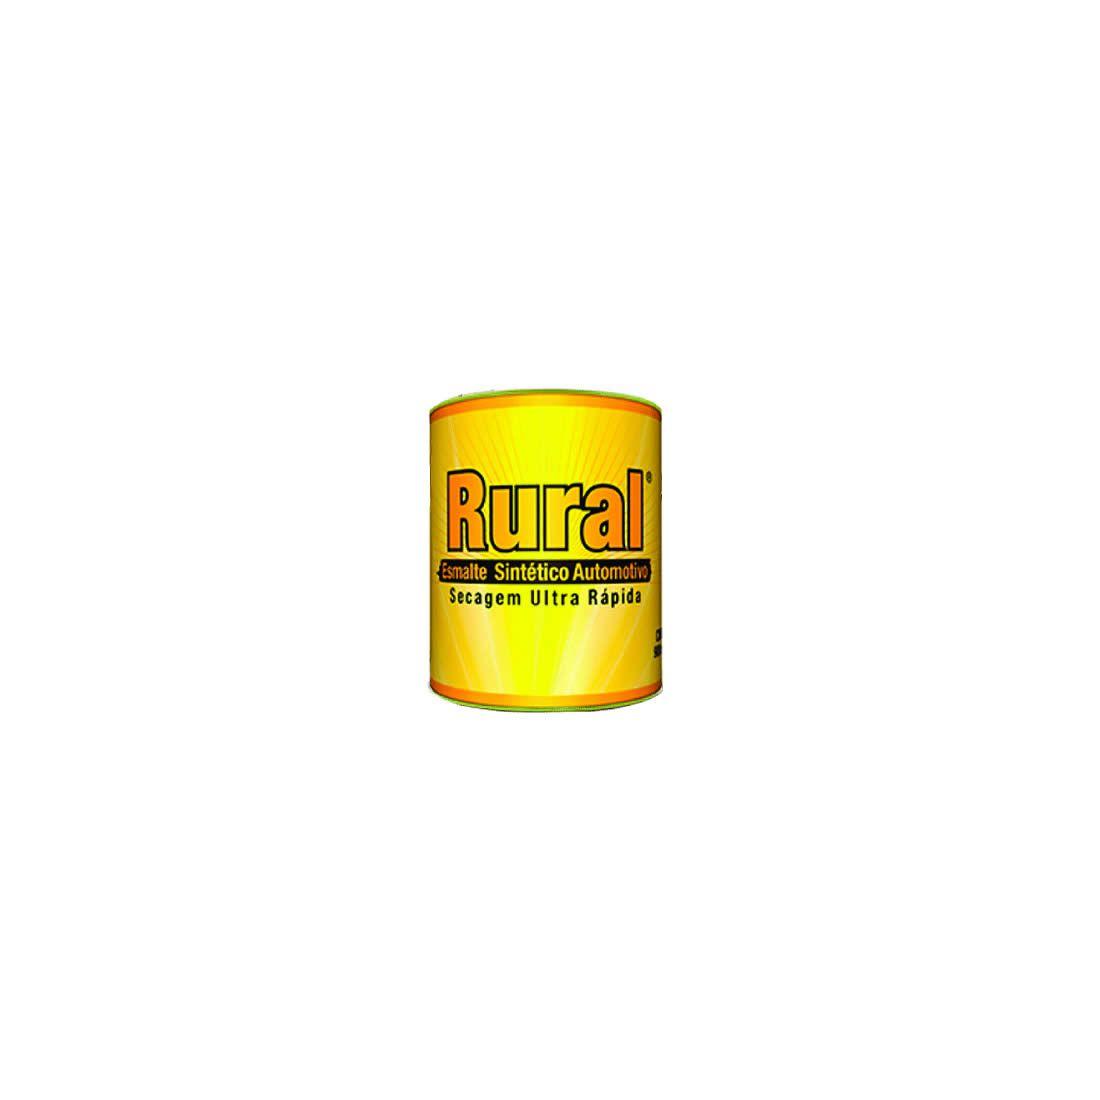 Esmalte Sintético Rural Secagem Ultra Rápido Amarelo Valmet 82 900ml